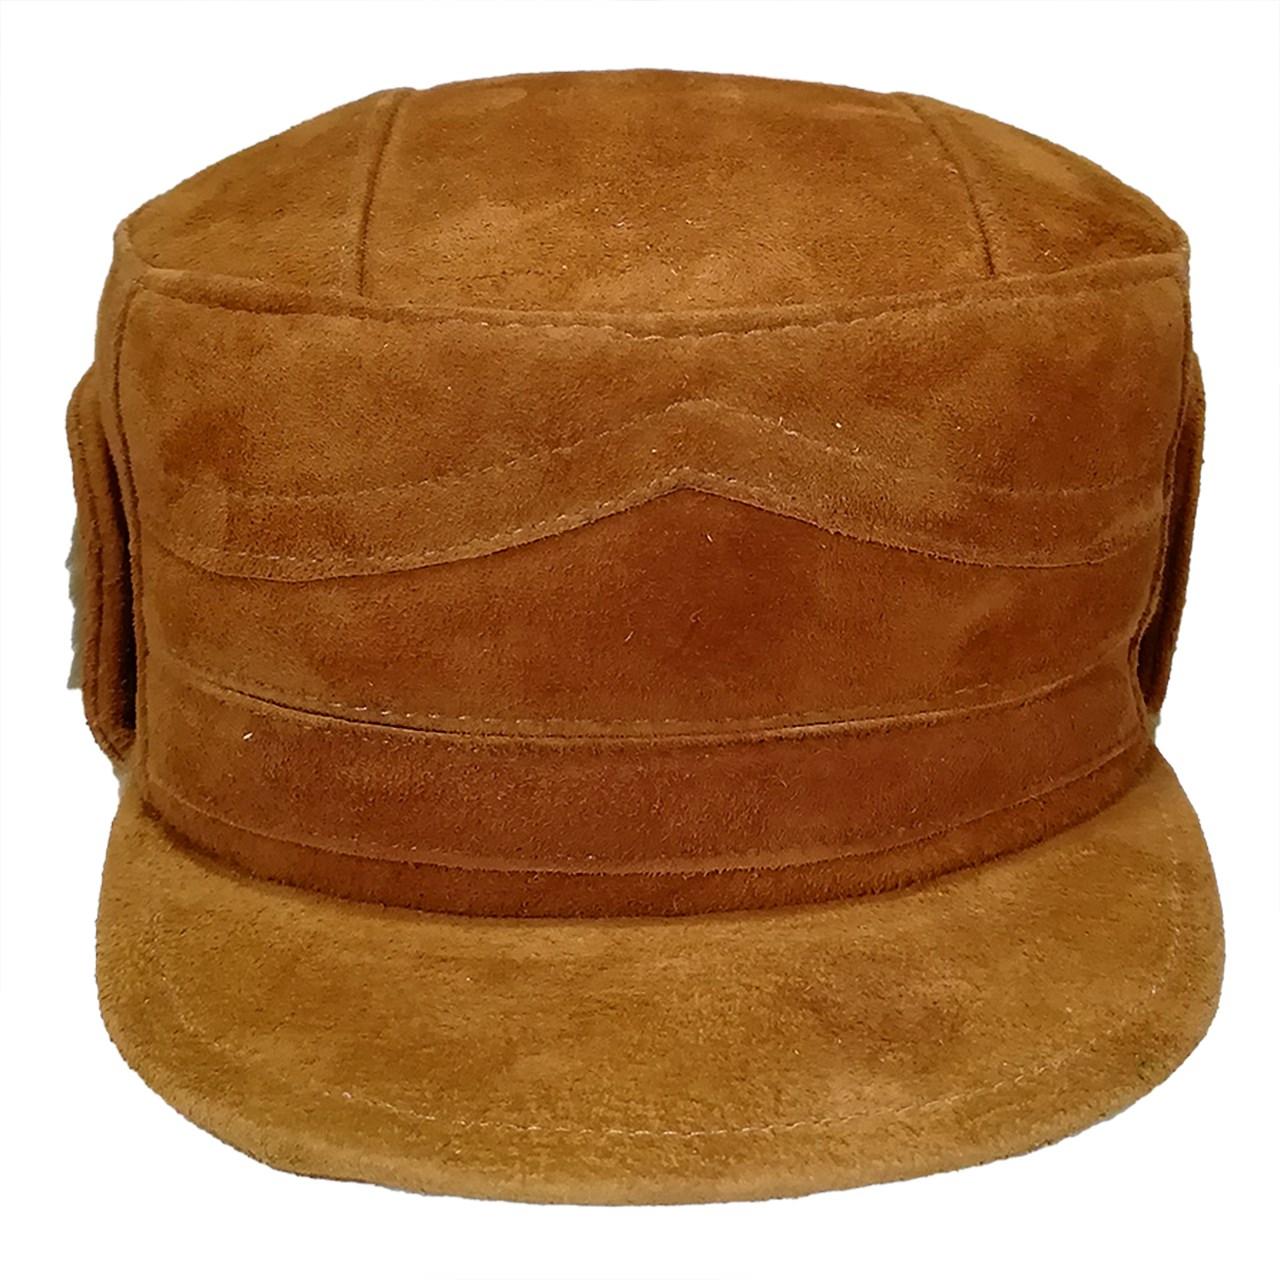 کلاه پوست و چرم کمالی سایز L مدل AK-00002